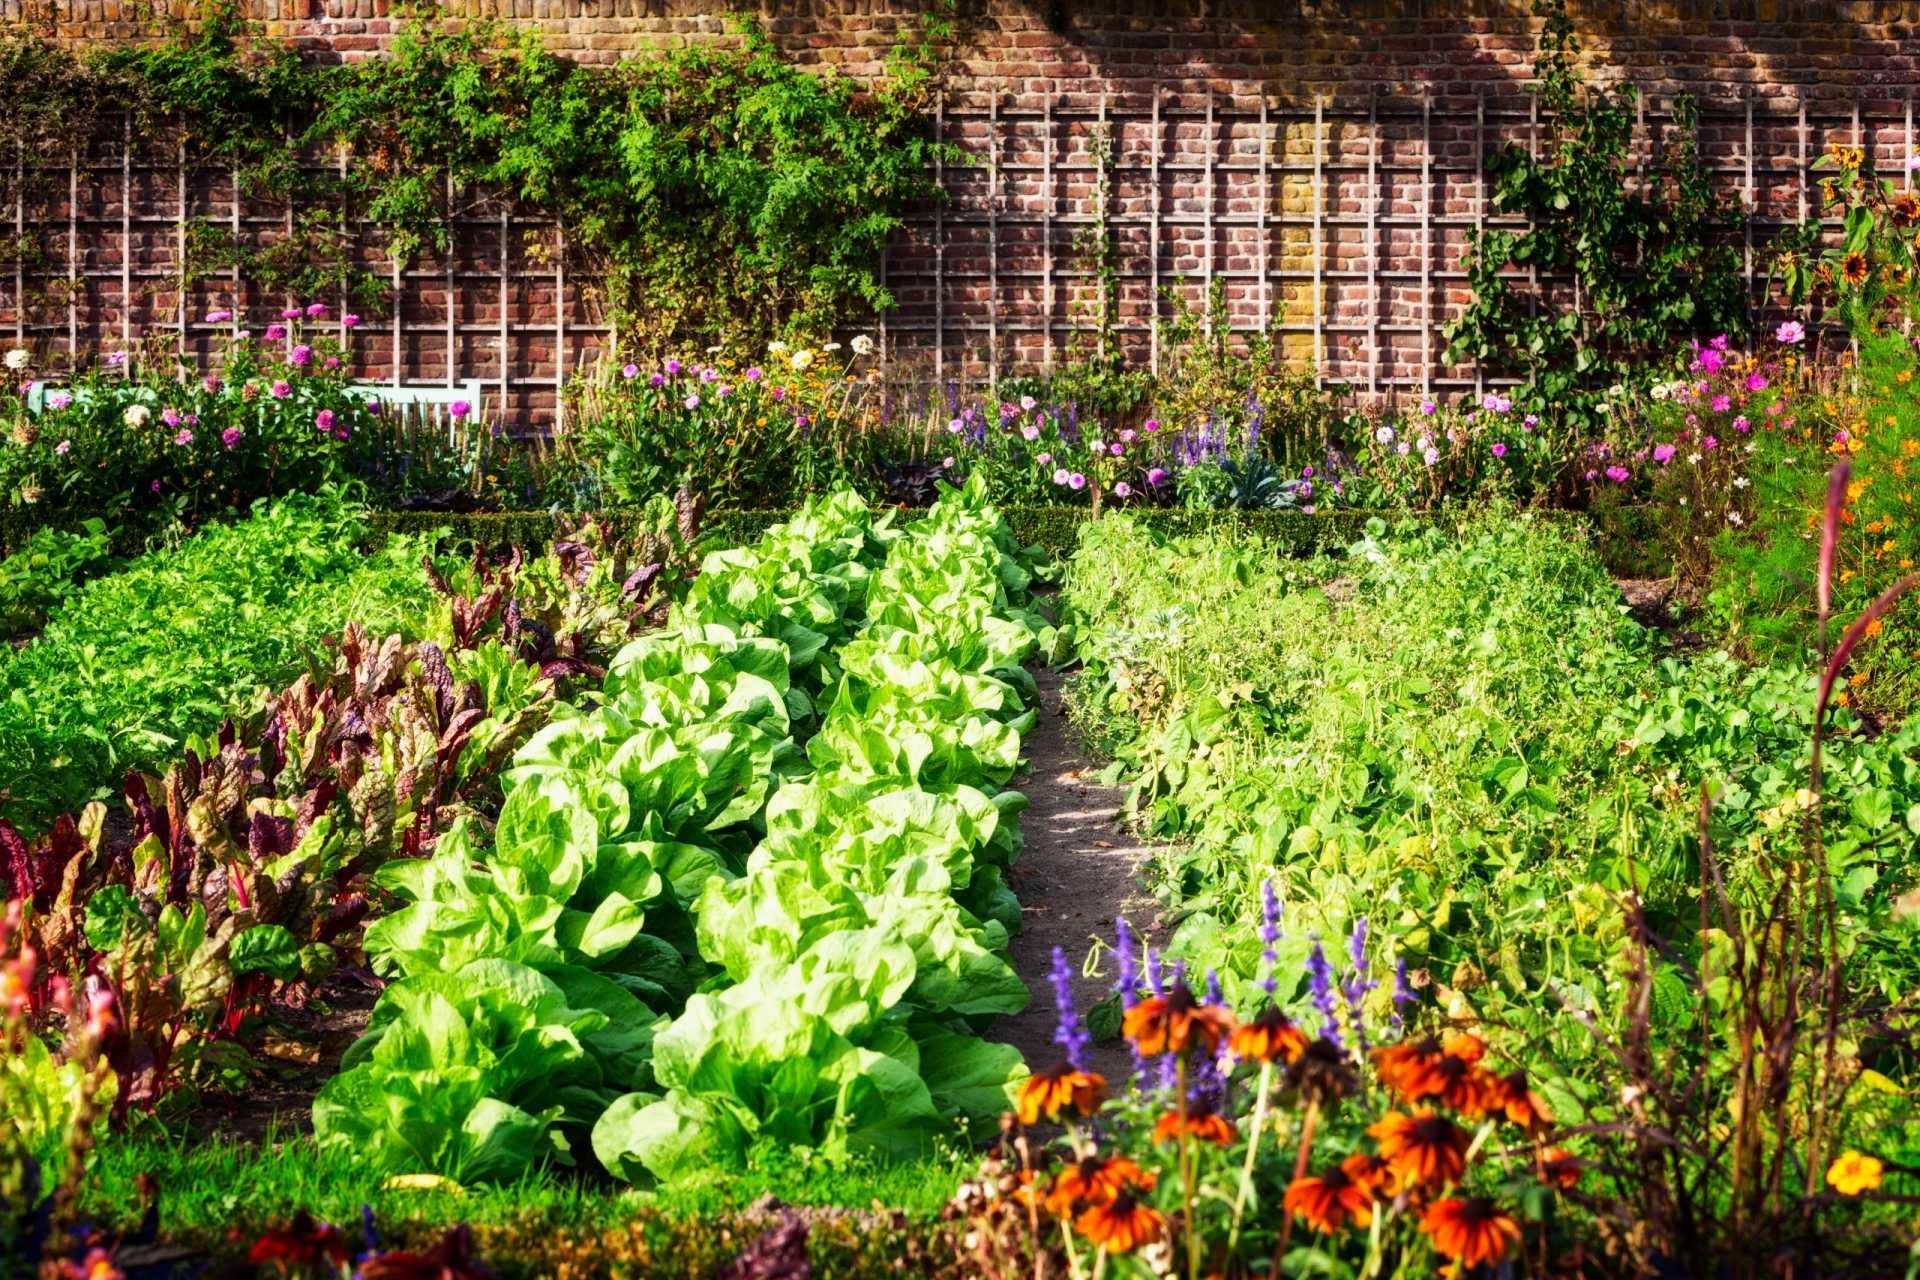 Gemüse im Herbst pflanzen: 10 Sorten auf einen Blick